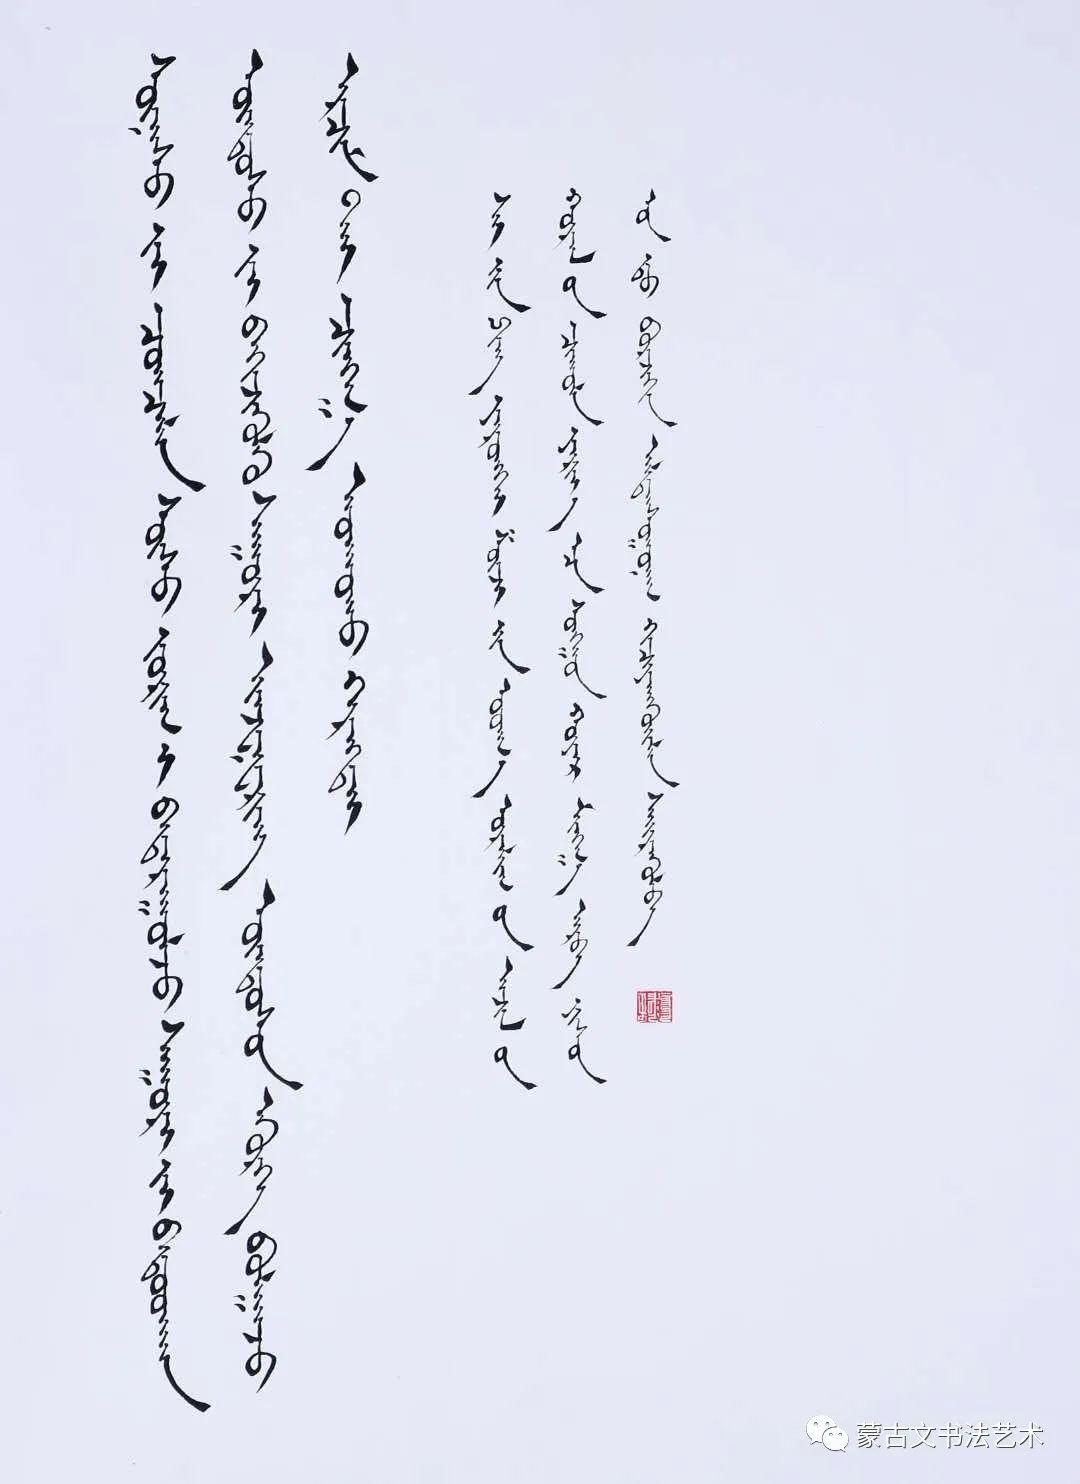 阿拉坦苏那嘎蒙古文书法 第9张 阿拉坦苏那嘎蒙古文书法 蒙古书法